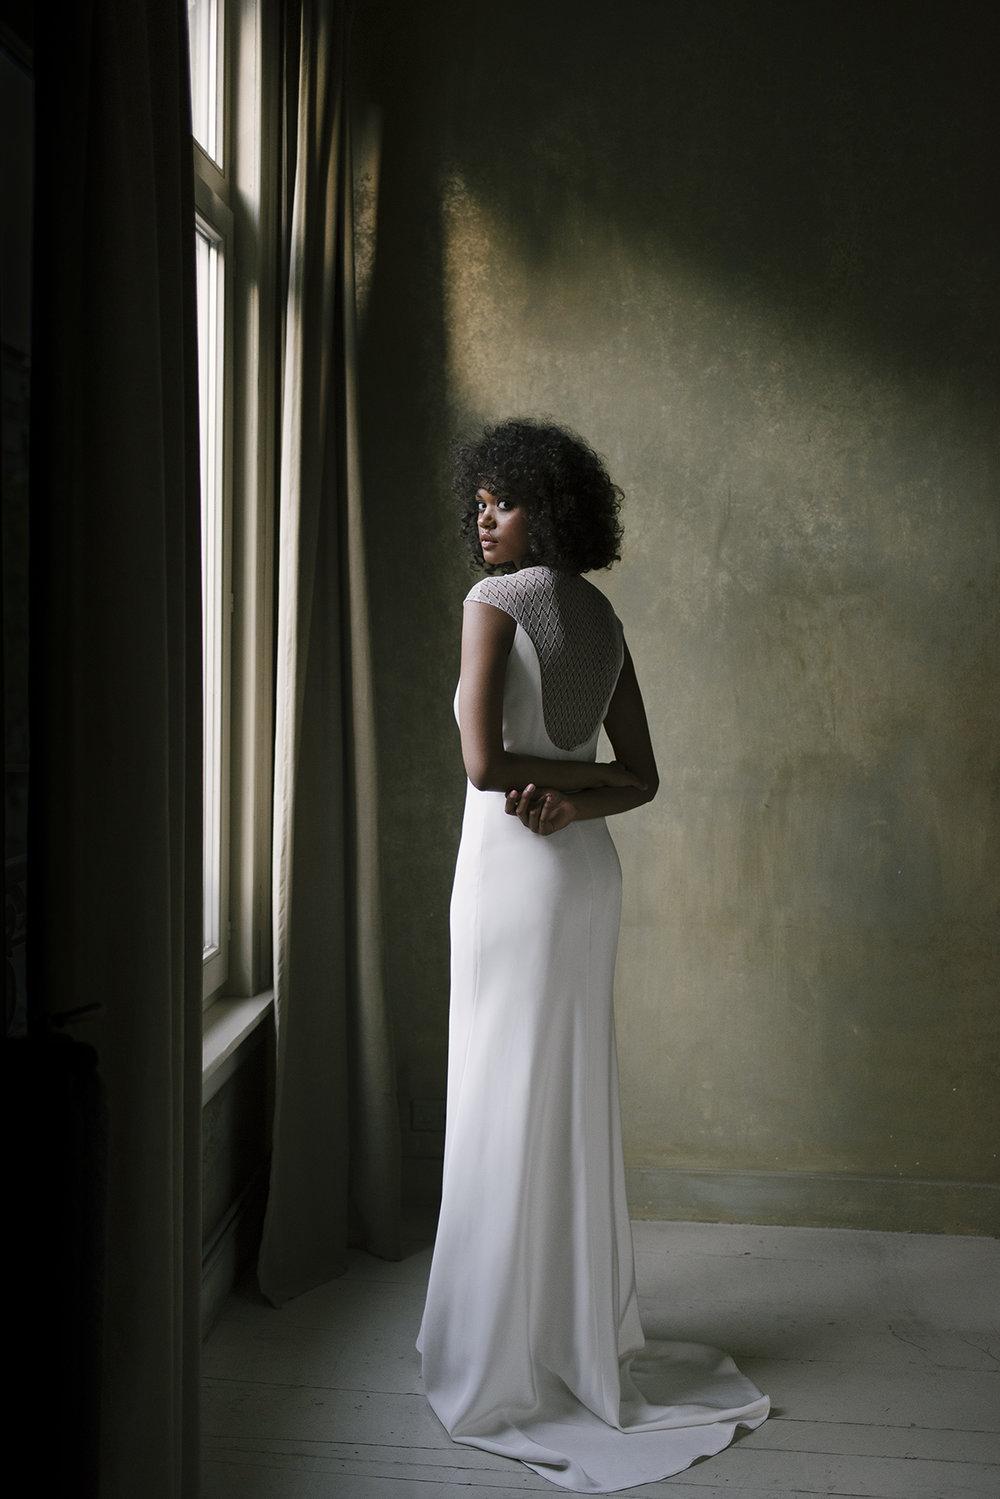 valentine-avoh-robe-mariee-marlene-wedding-dress-bruxelles-photo-elodie-timmermans-45.jpg